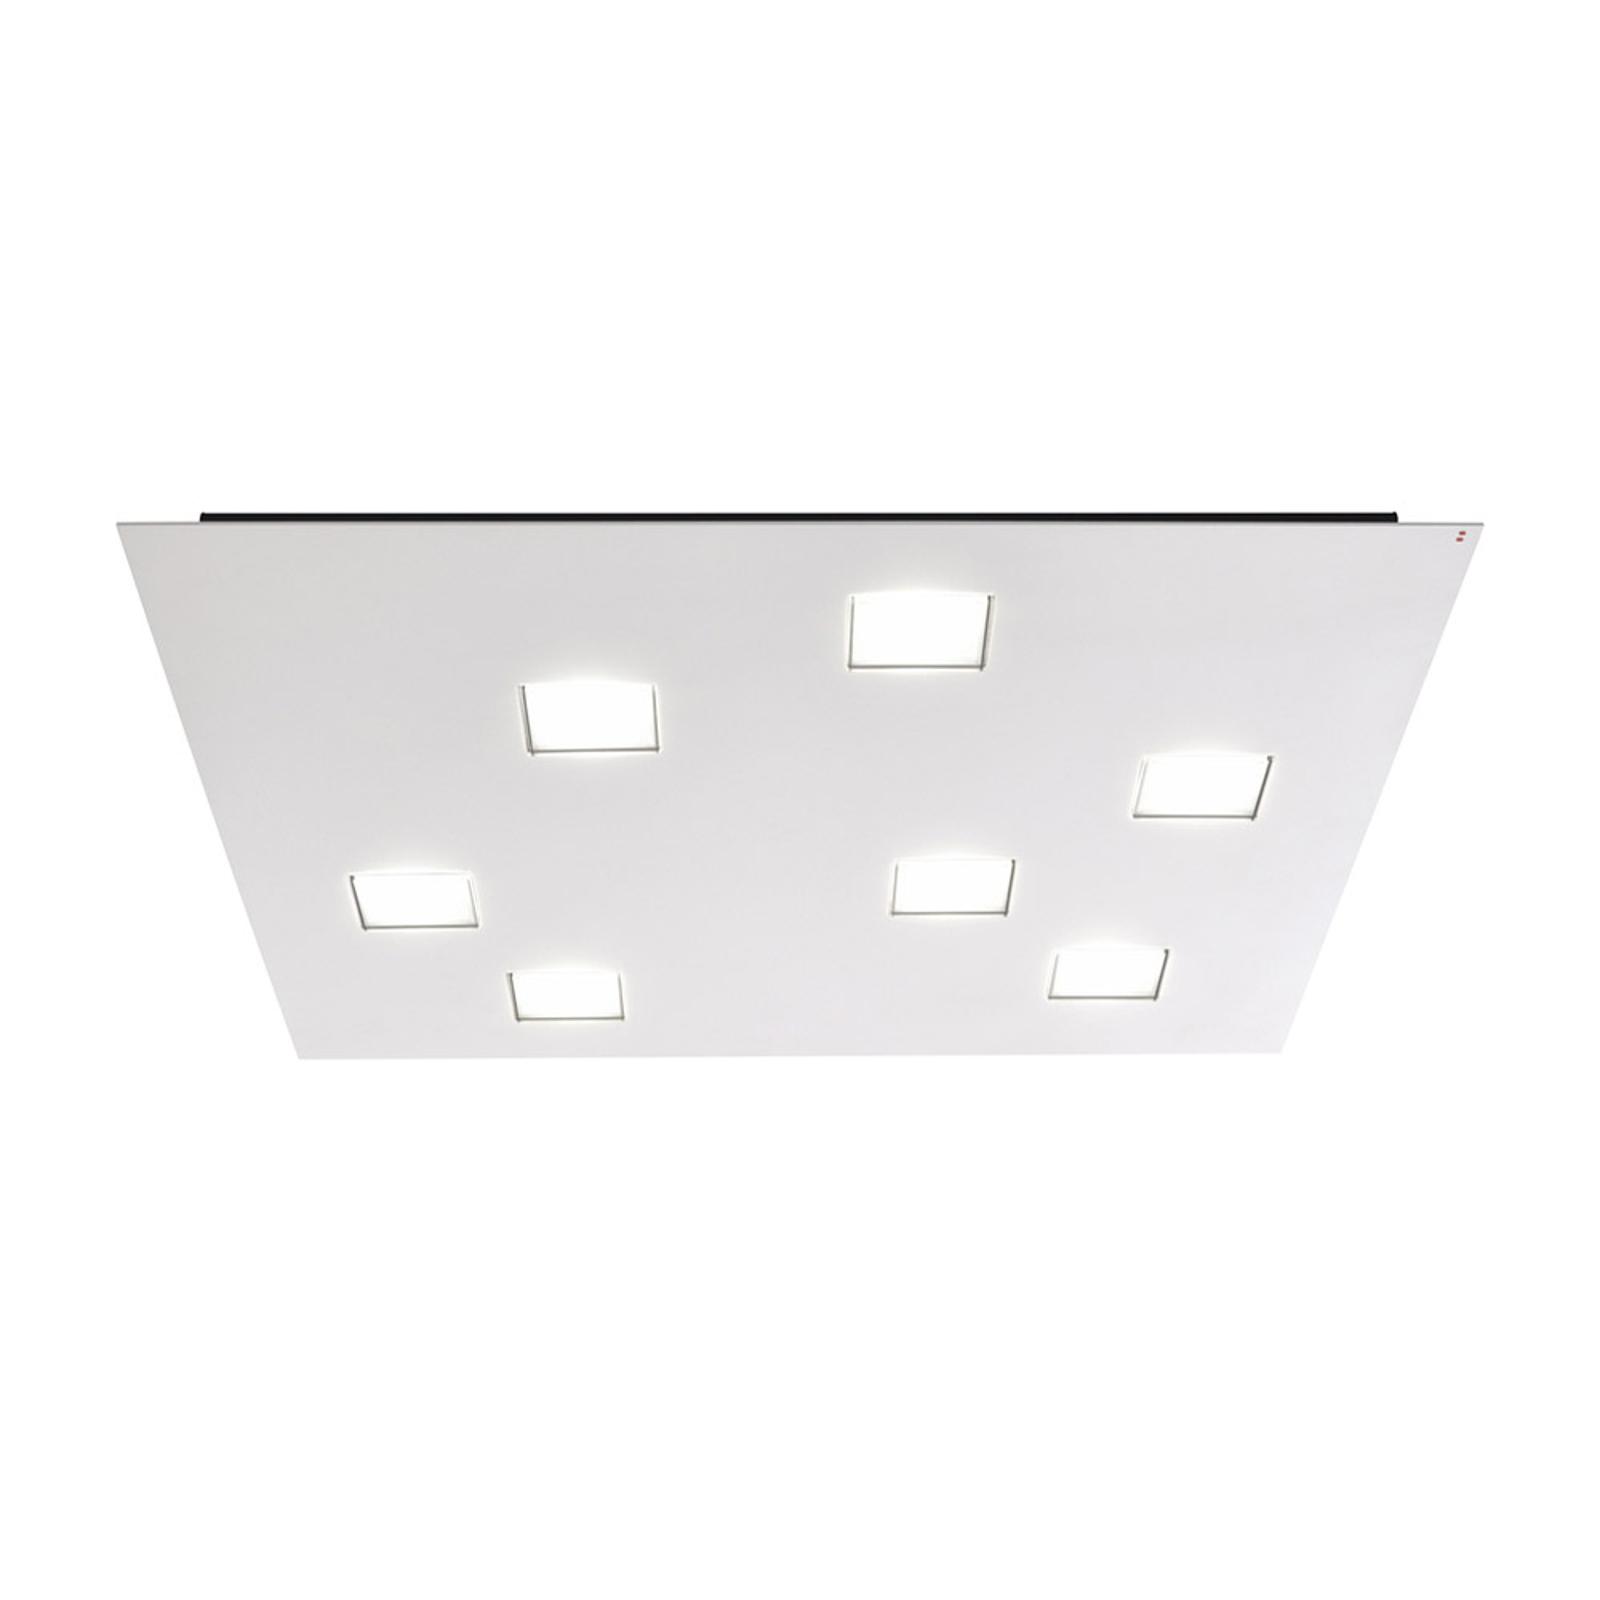 Fabbian Quarter - LED-taklampe 7 lyskilder, hvit